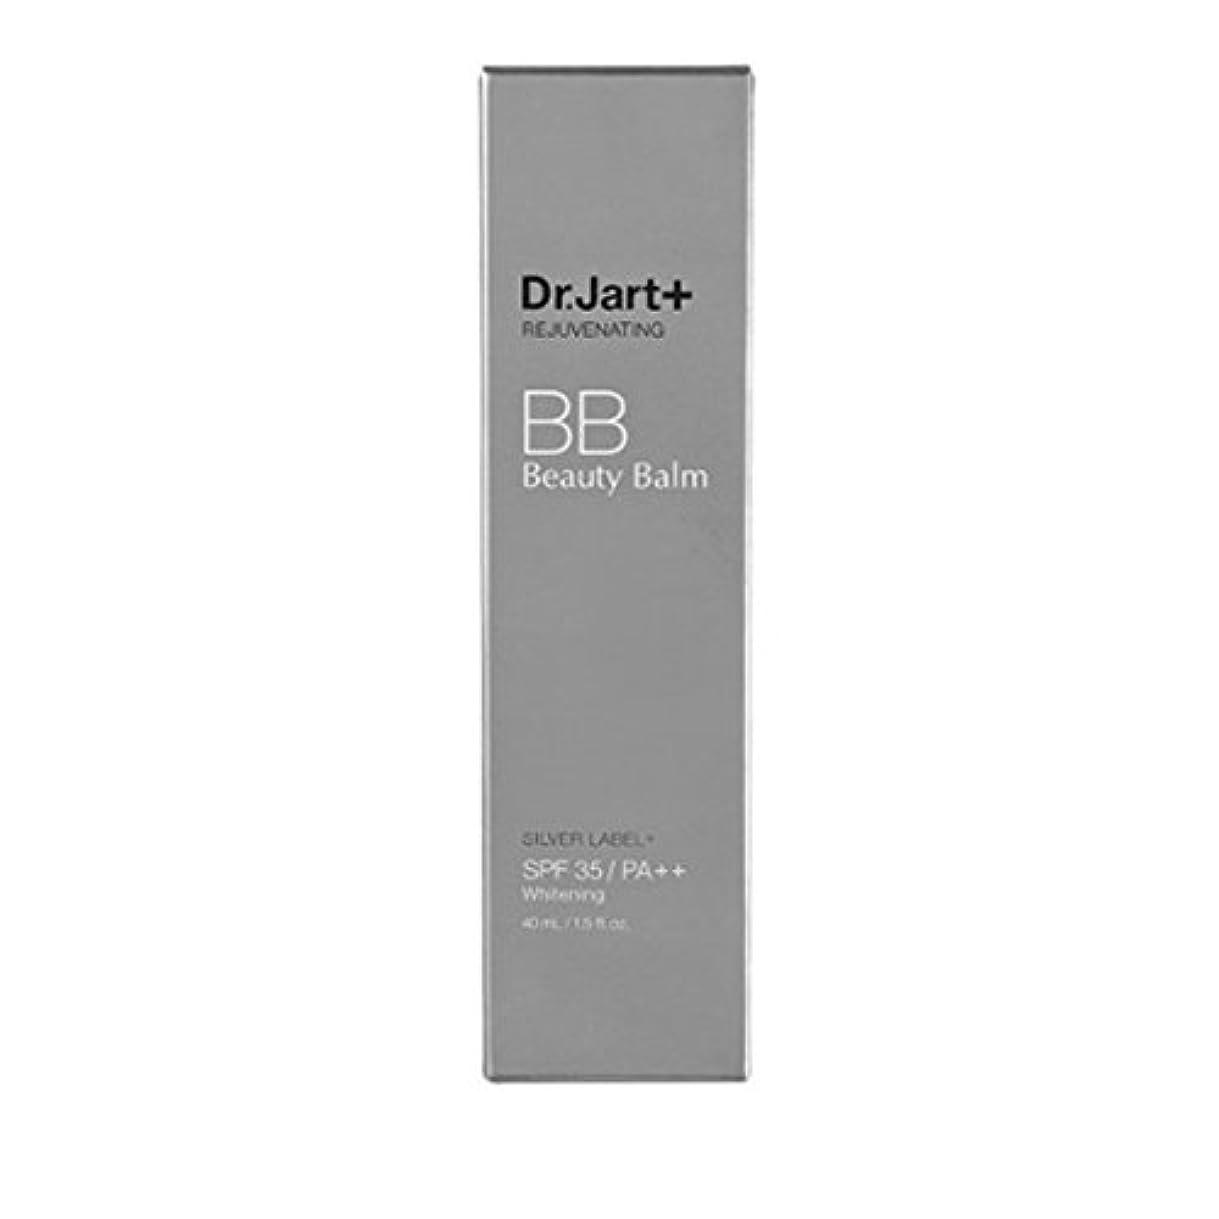 悩み意外見落とすドクタージャルトゥ(Dr.Jart+) リージュビネイティンビューティーbalm 40ml x 2本セットシルバーラベルBBクリーム (SPF35 / PA++)、Dr.Jart+ Rejuvenating Beauty...